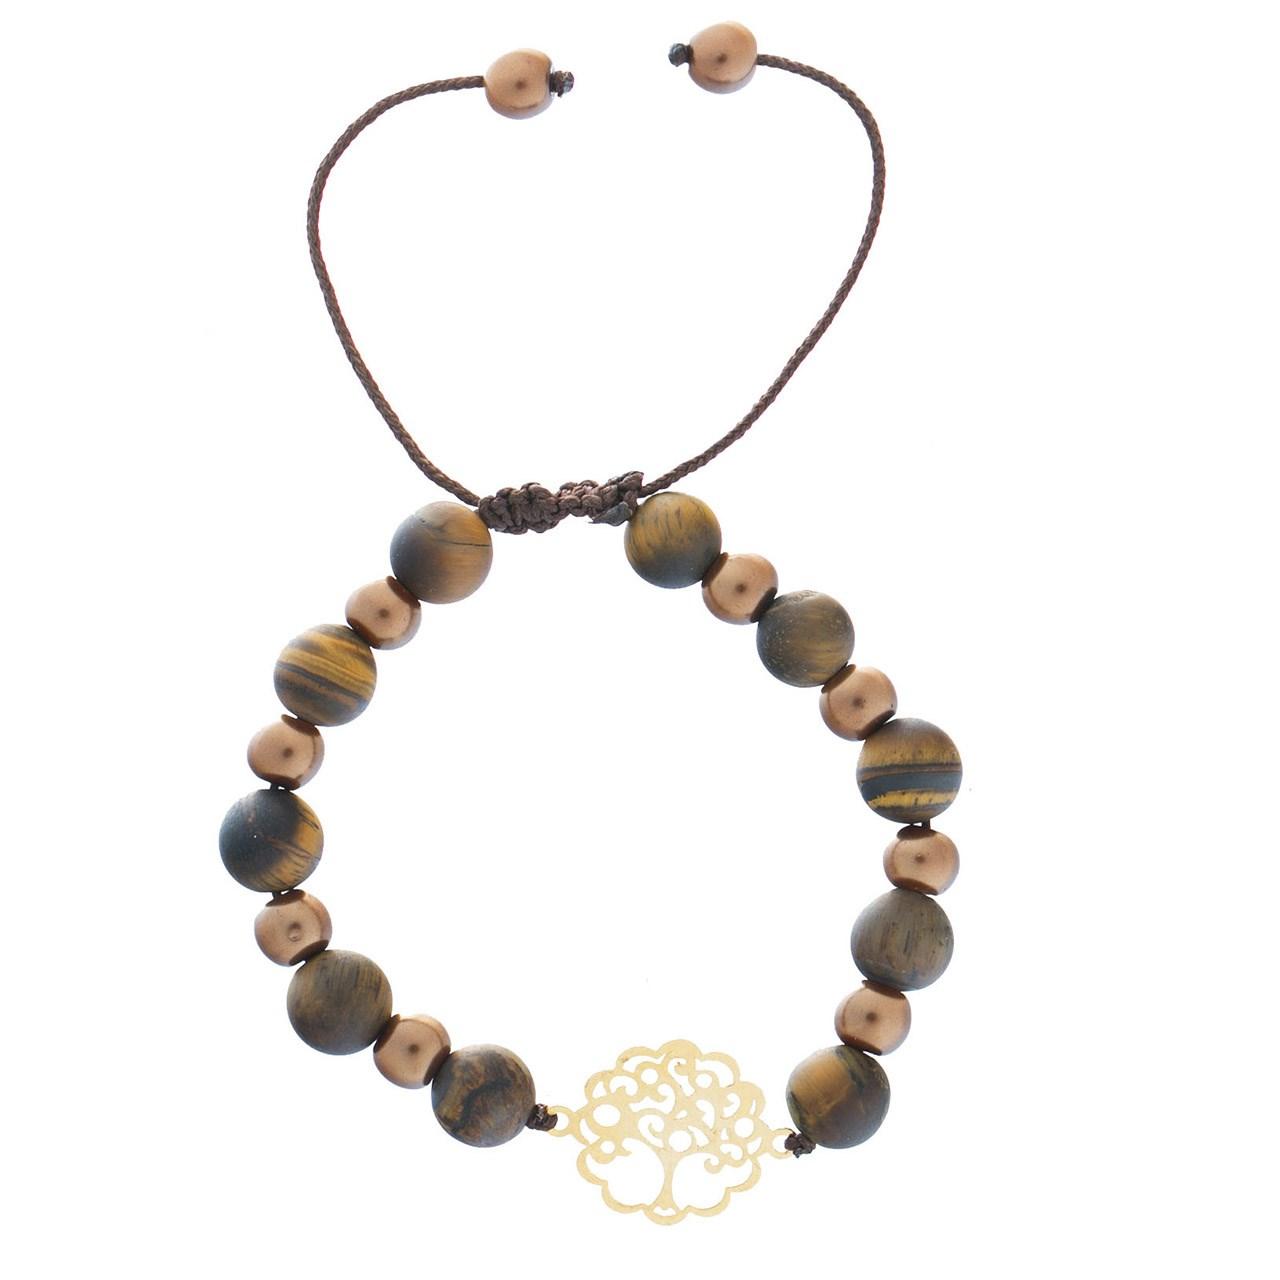 قیمت دستبند طلا 18 عیار ماهک مدل MB0590 - مایا ماهک